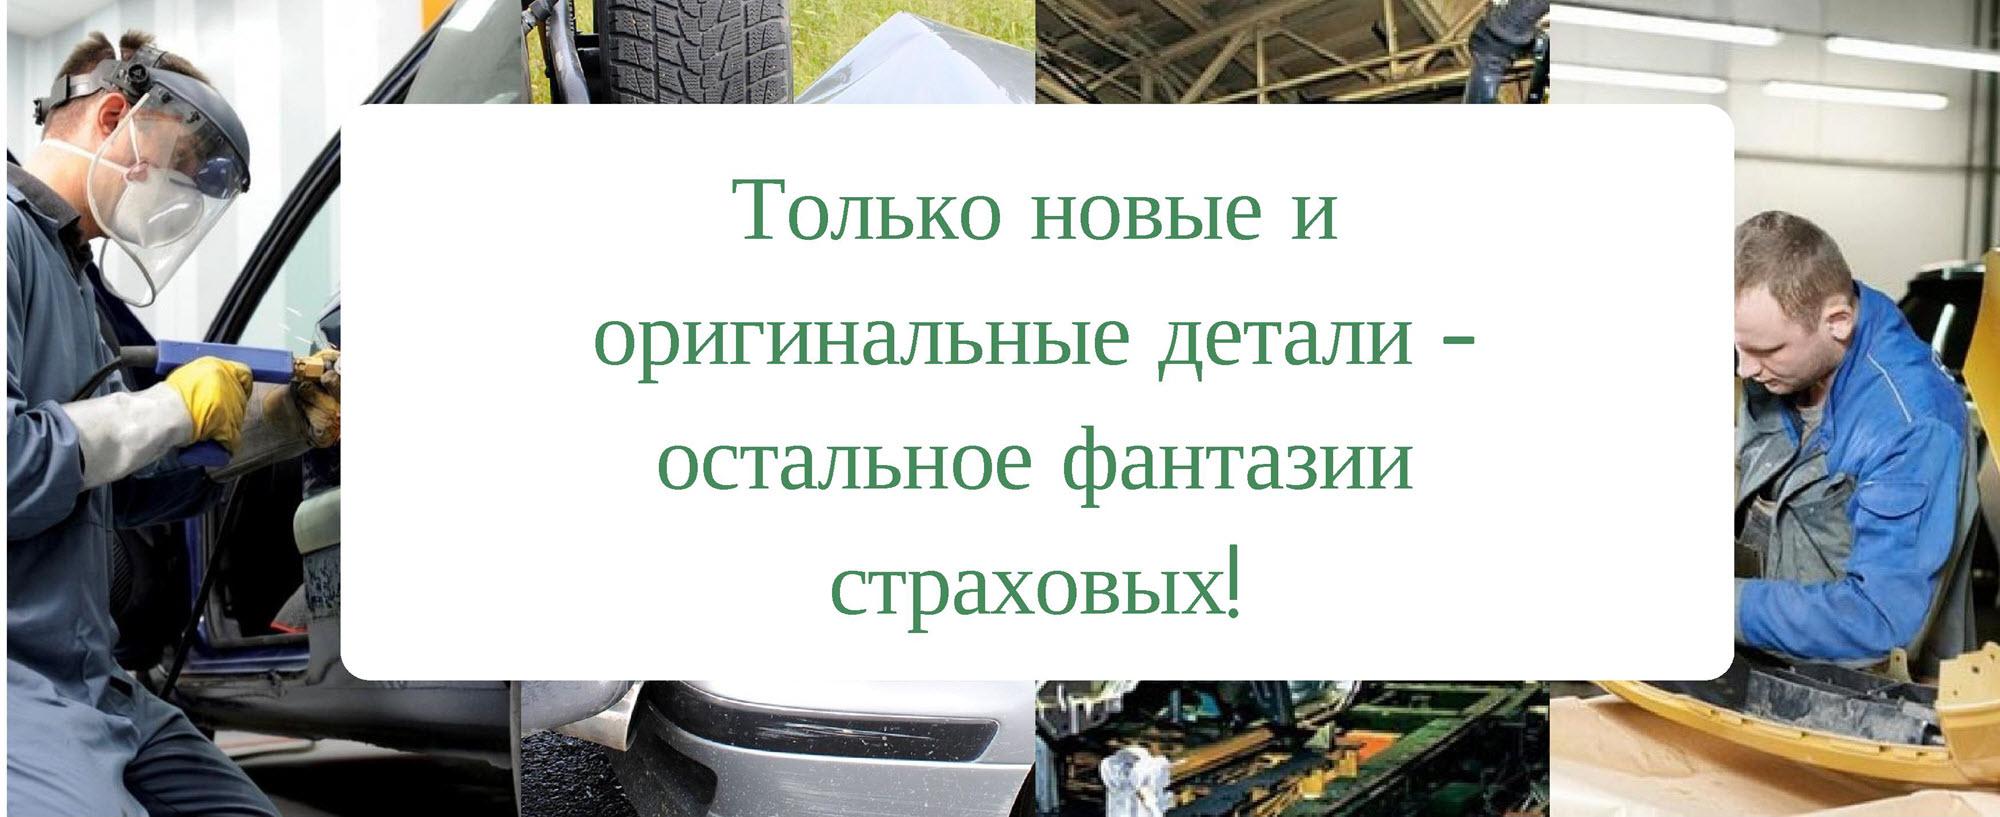 Какие документы нужны для трудоустройства на работу в россии